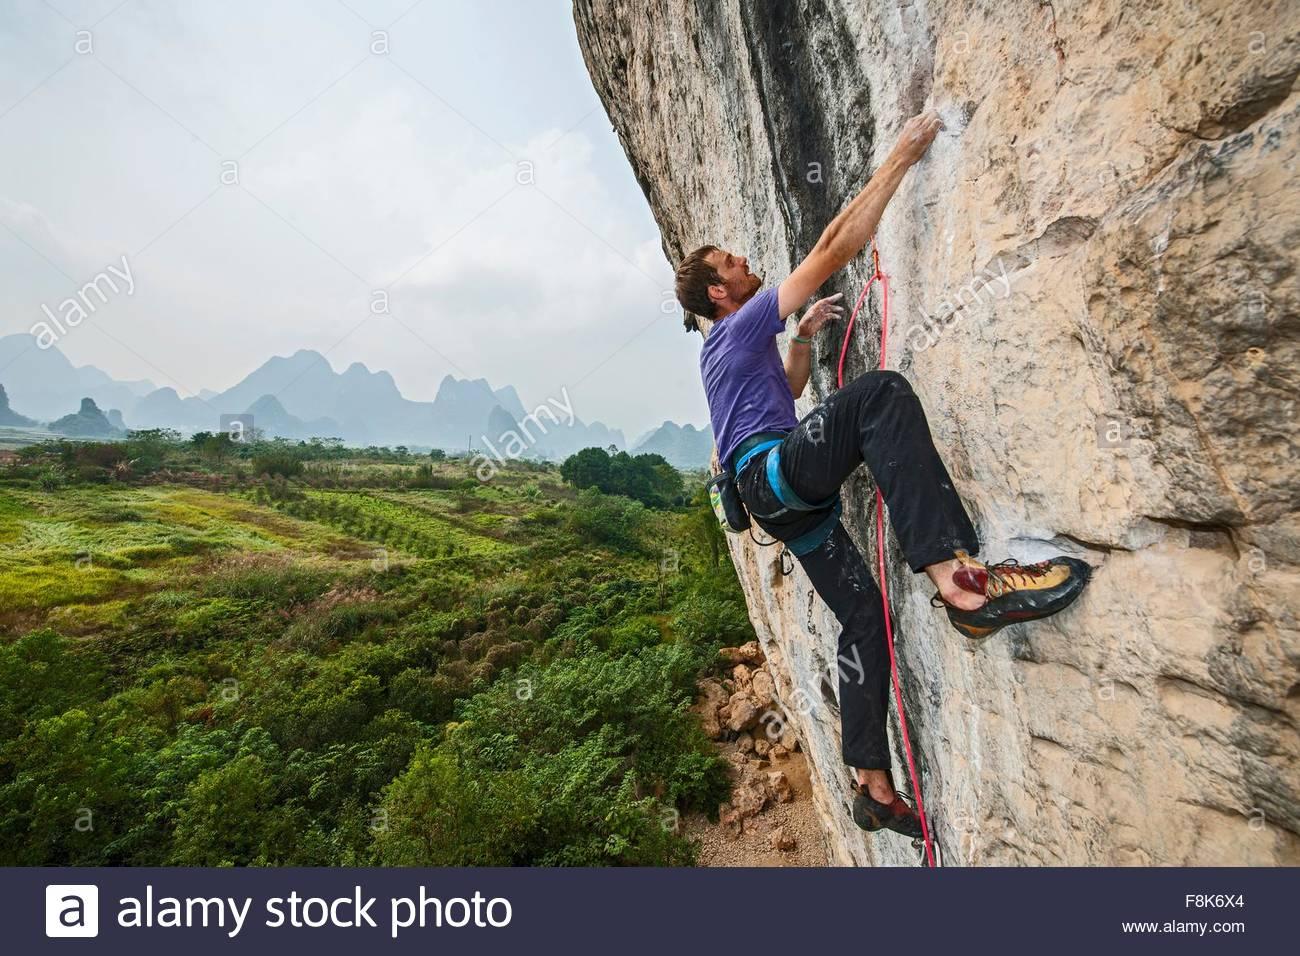 Male climber climbing at white Mountain - a limestone cliff in Yangshuo, Guangxi Zhuang, China - Stock Image